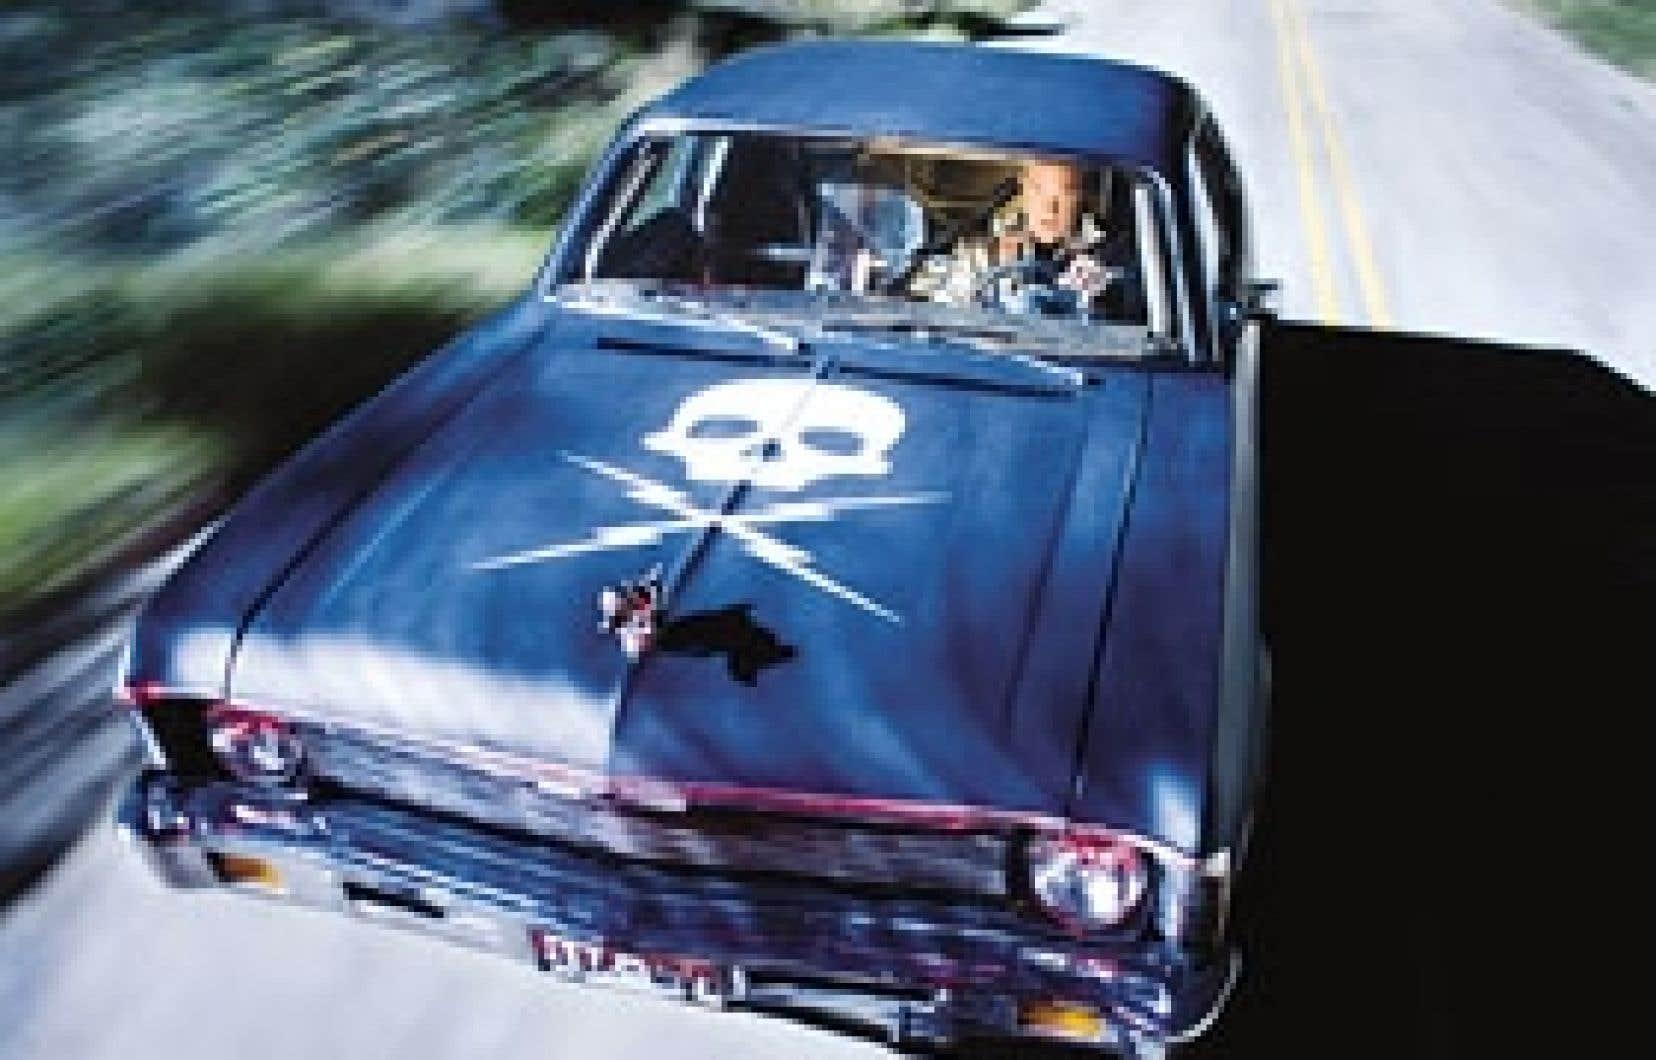 Dans Grindhouse, Stuntman Mike (Kurt Russell) décide de faire la peau, au volant de sa bagnole, à quelques filles délurées.